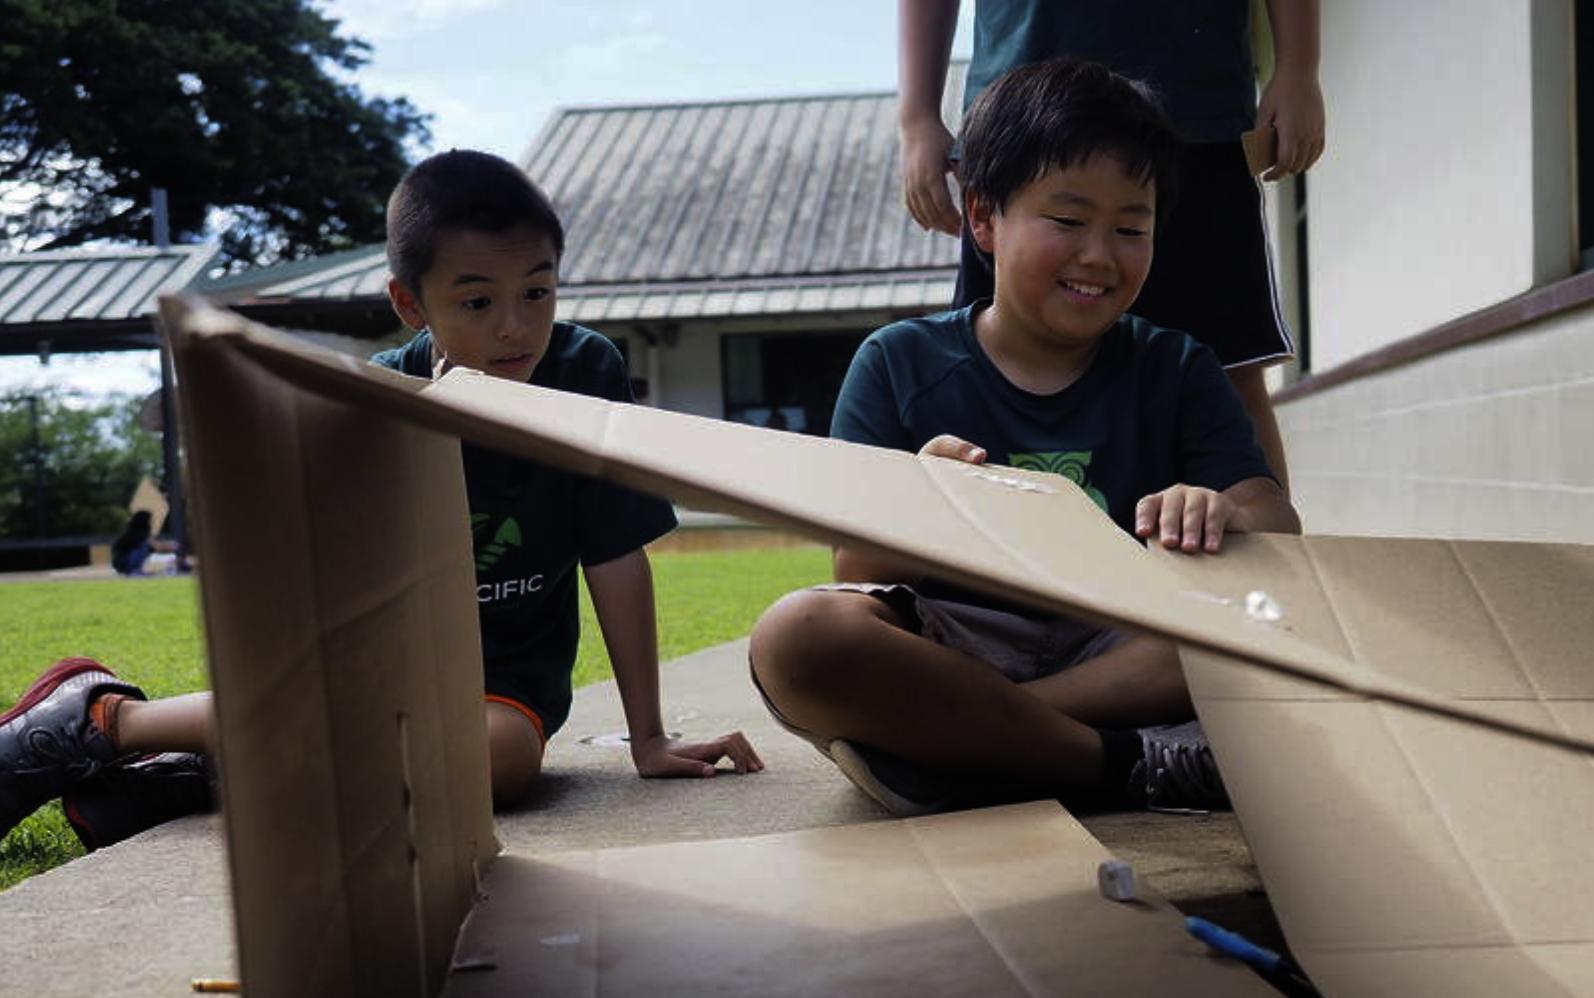 ハワイの課題を表現する作品作りに取り組む子供達 (出典:ミッド・パシフィック・インスティチュート公式サイト)